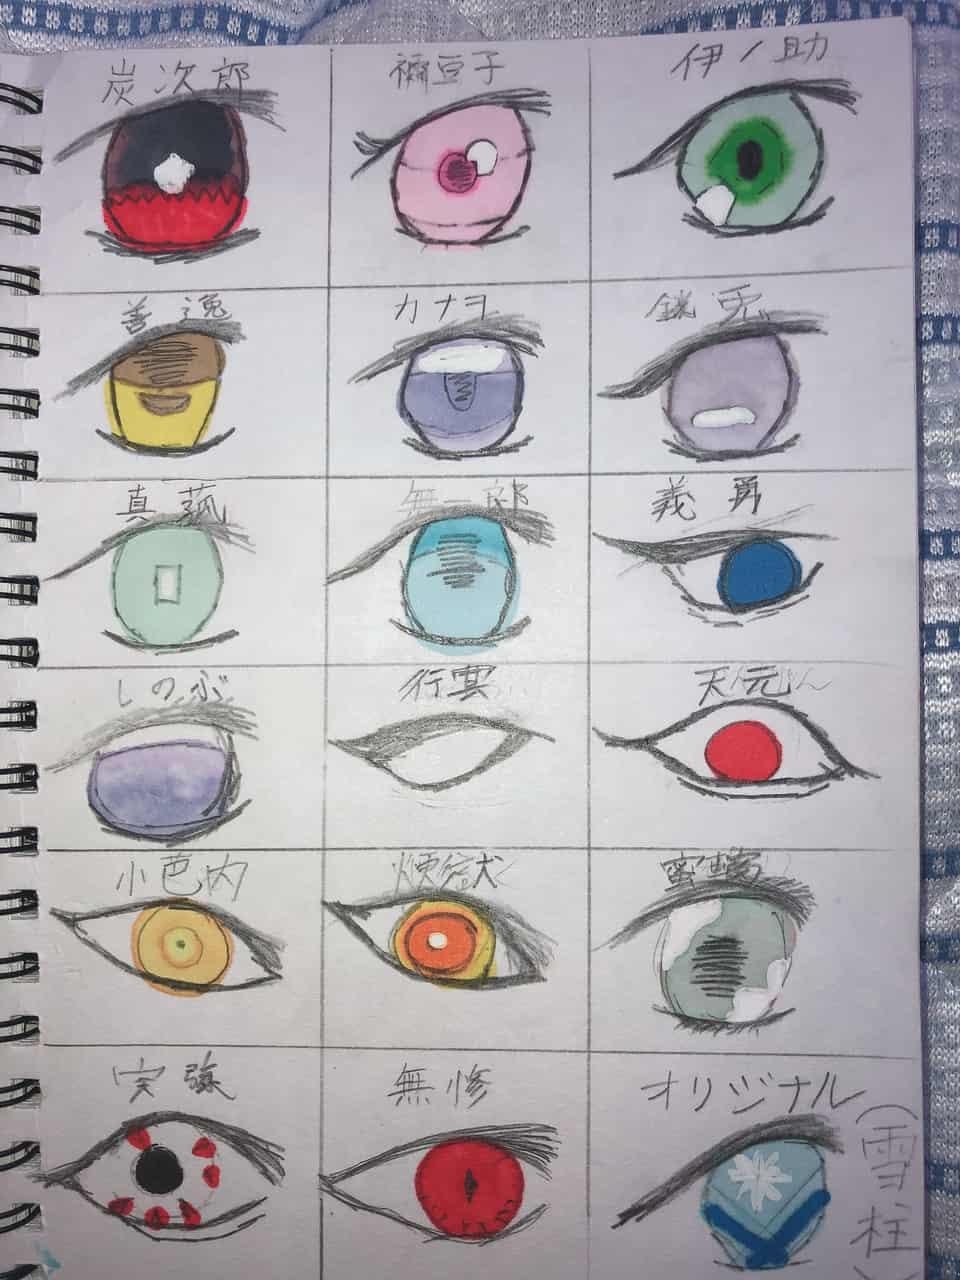 目は口ほどに物を言う Illust of 霞 DemonSlayerFanartContest eyes KimetsunoYaiba